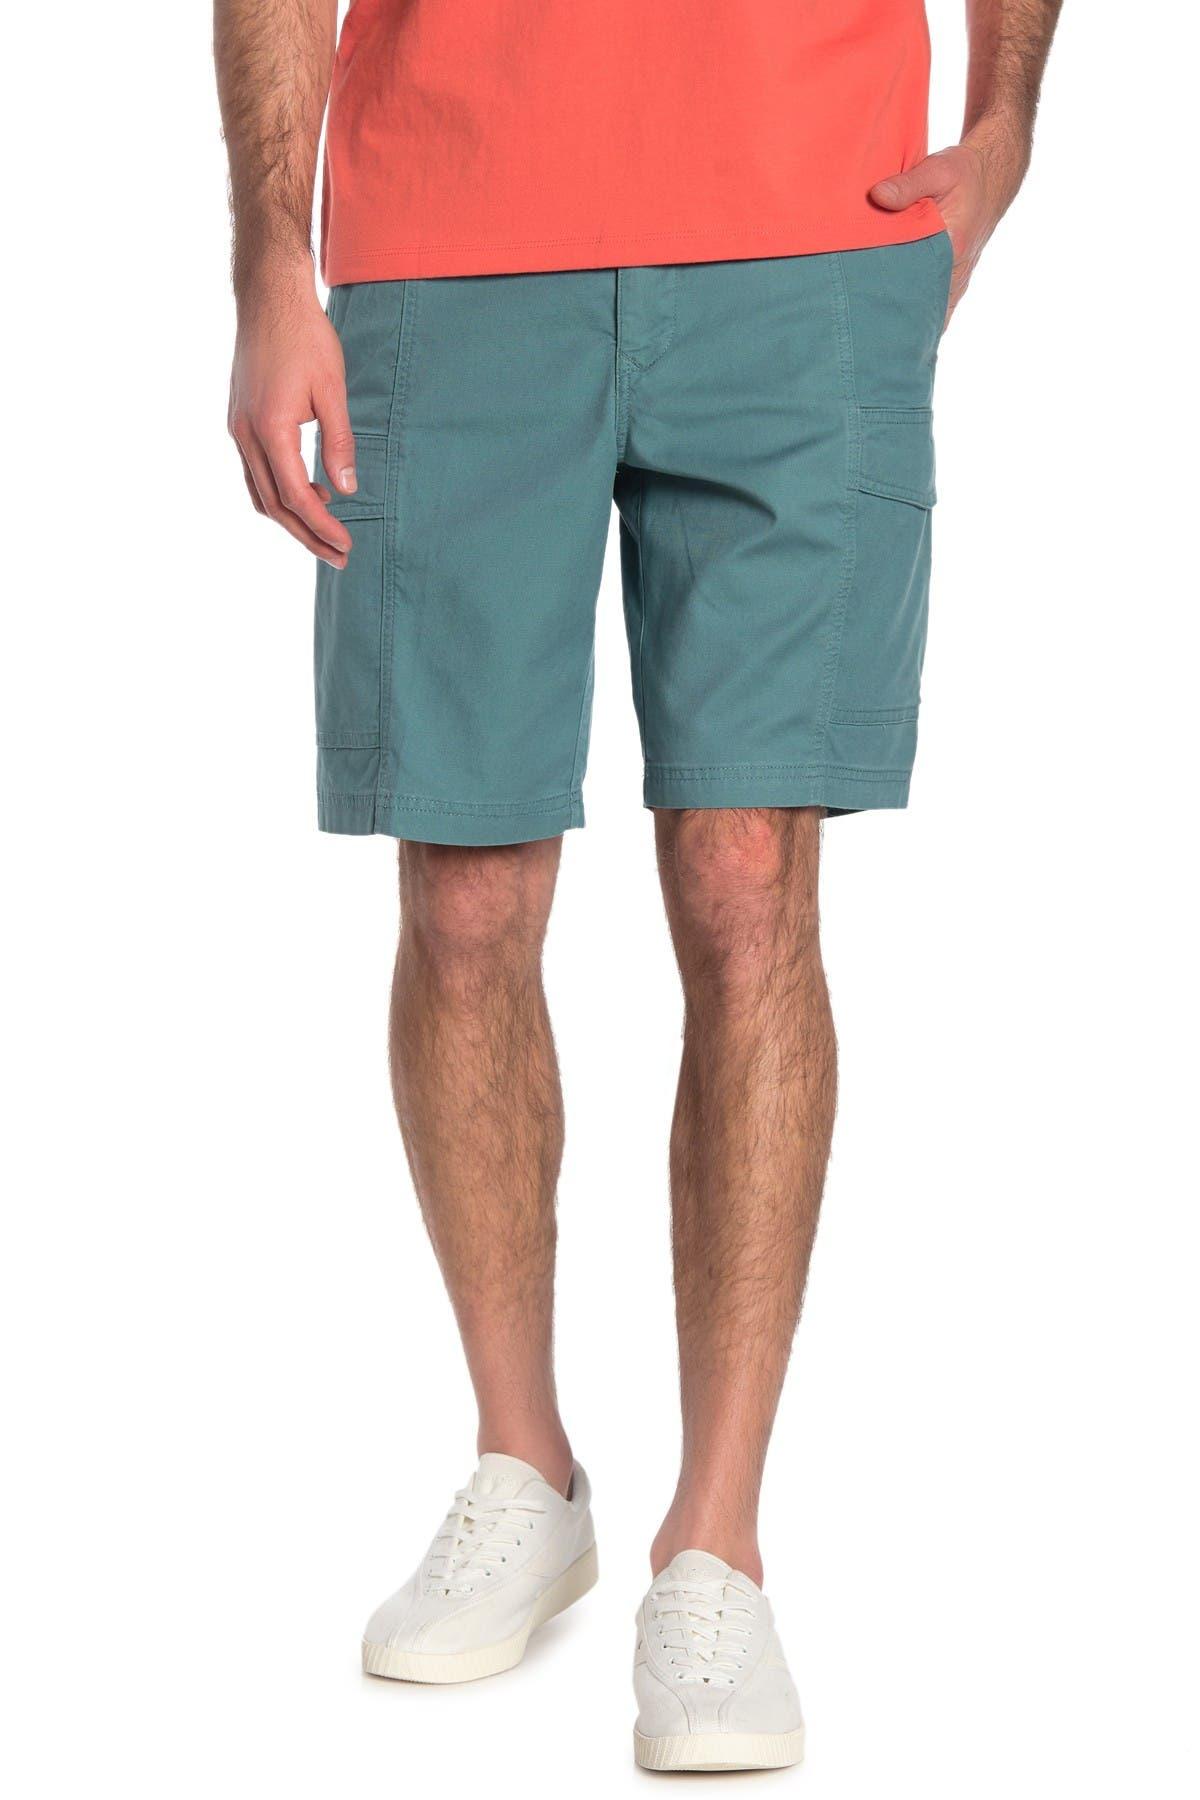 Image of Tommy Bahama Key Isles Cargo Shorts